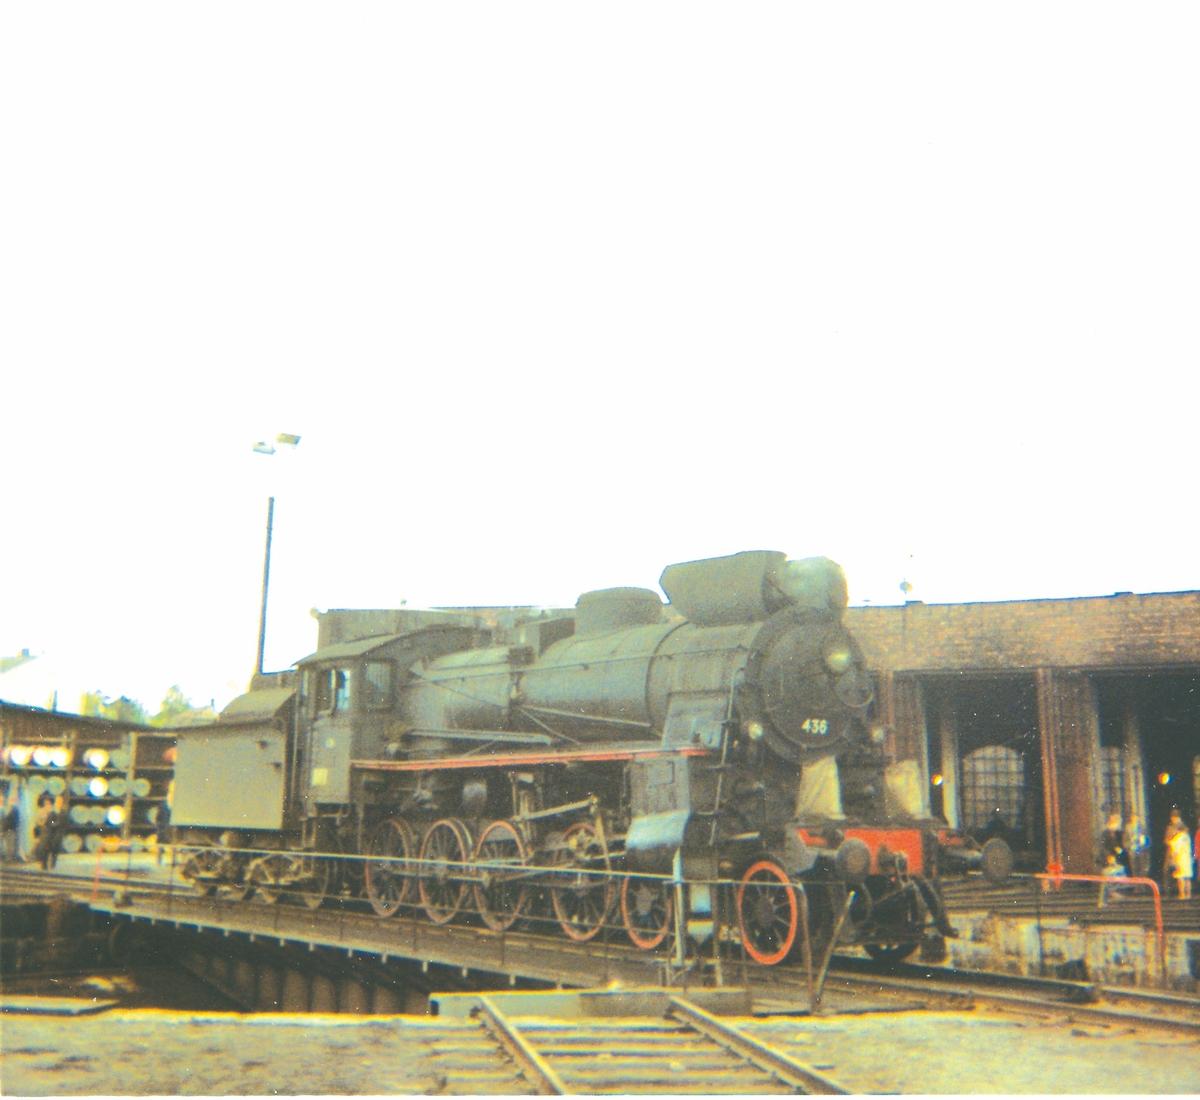 Damplok 26c nr. 436 på svingskiven på Hamar stasjon, trukket frem for fotografering i forbindelse med SJKs besøk.